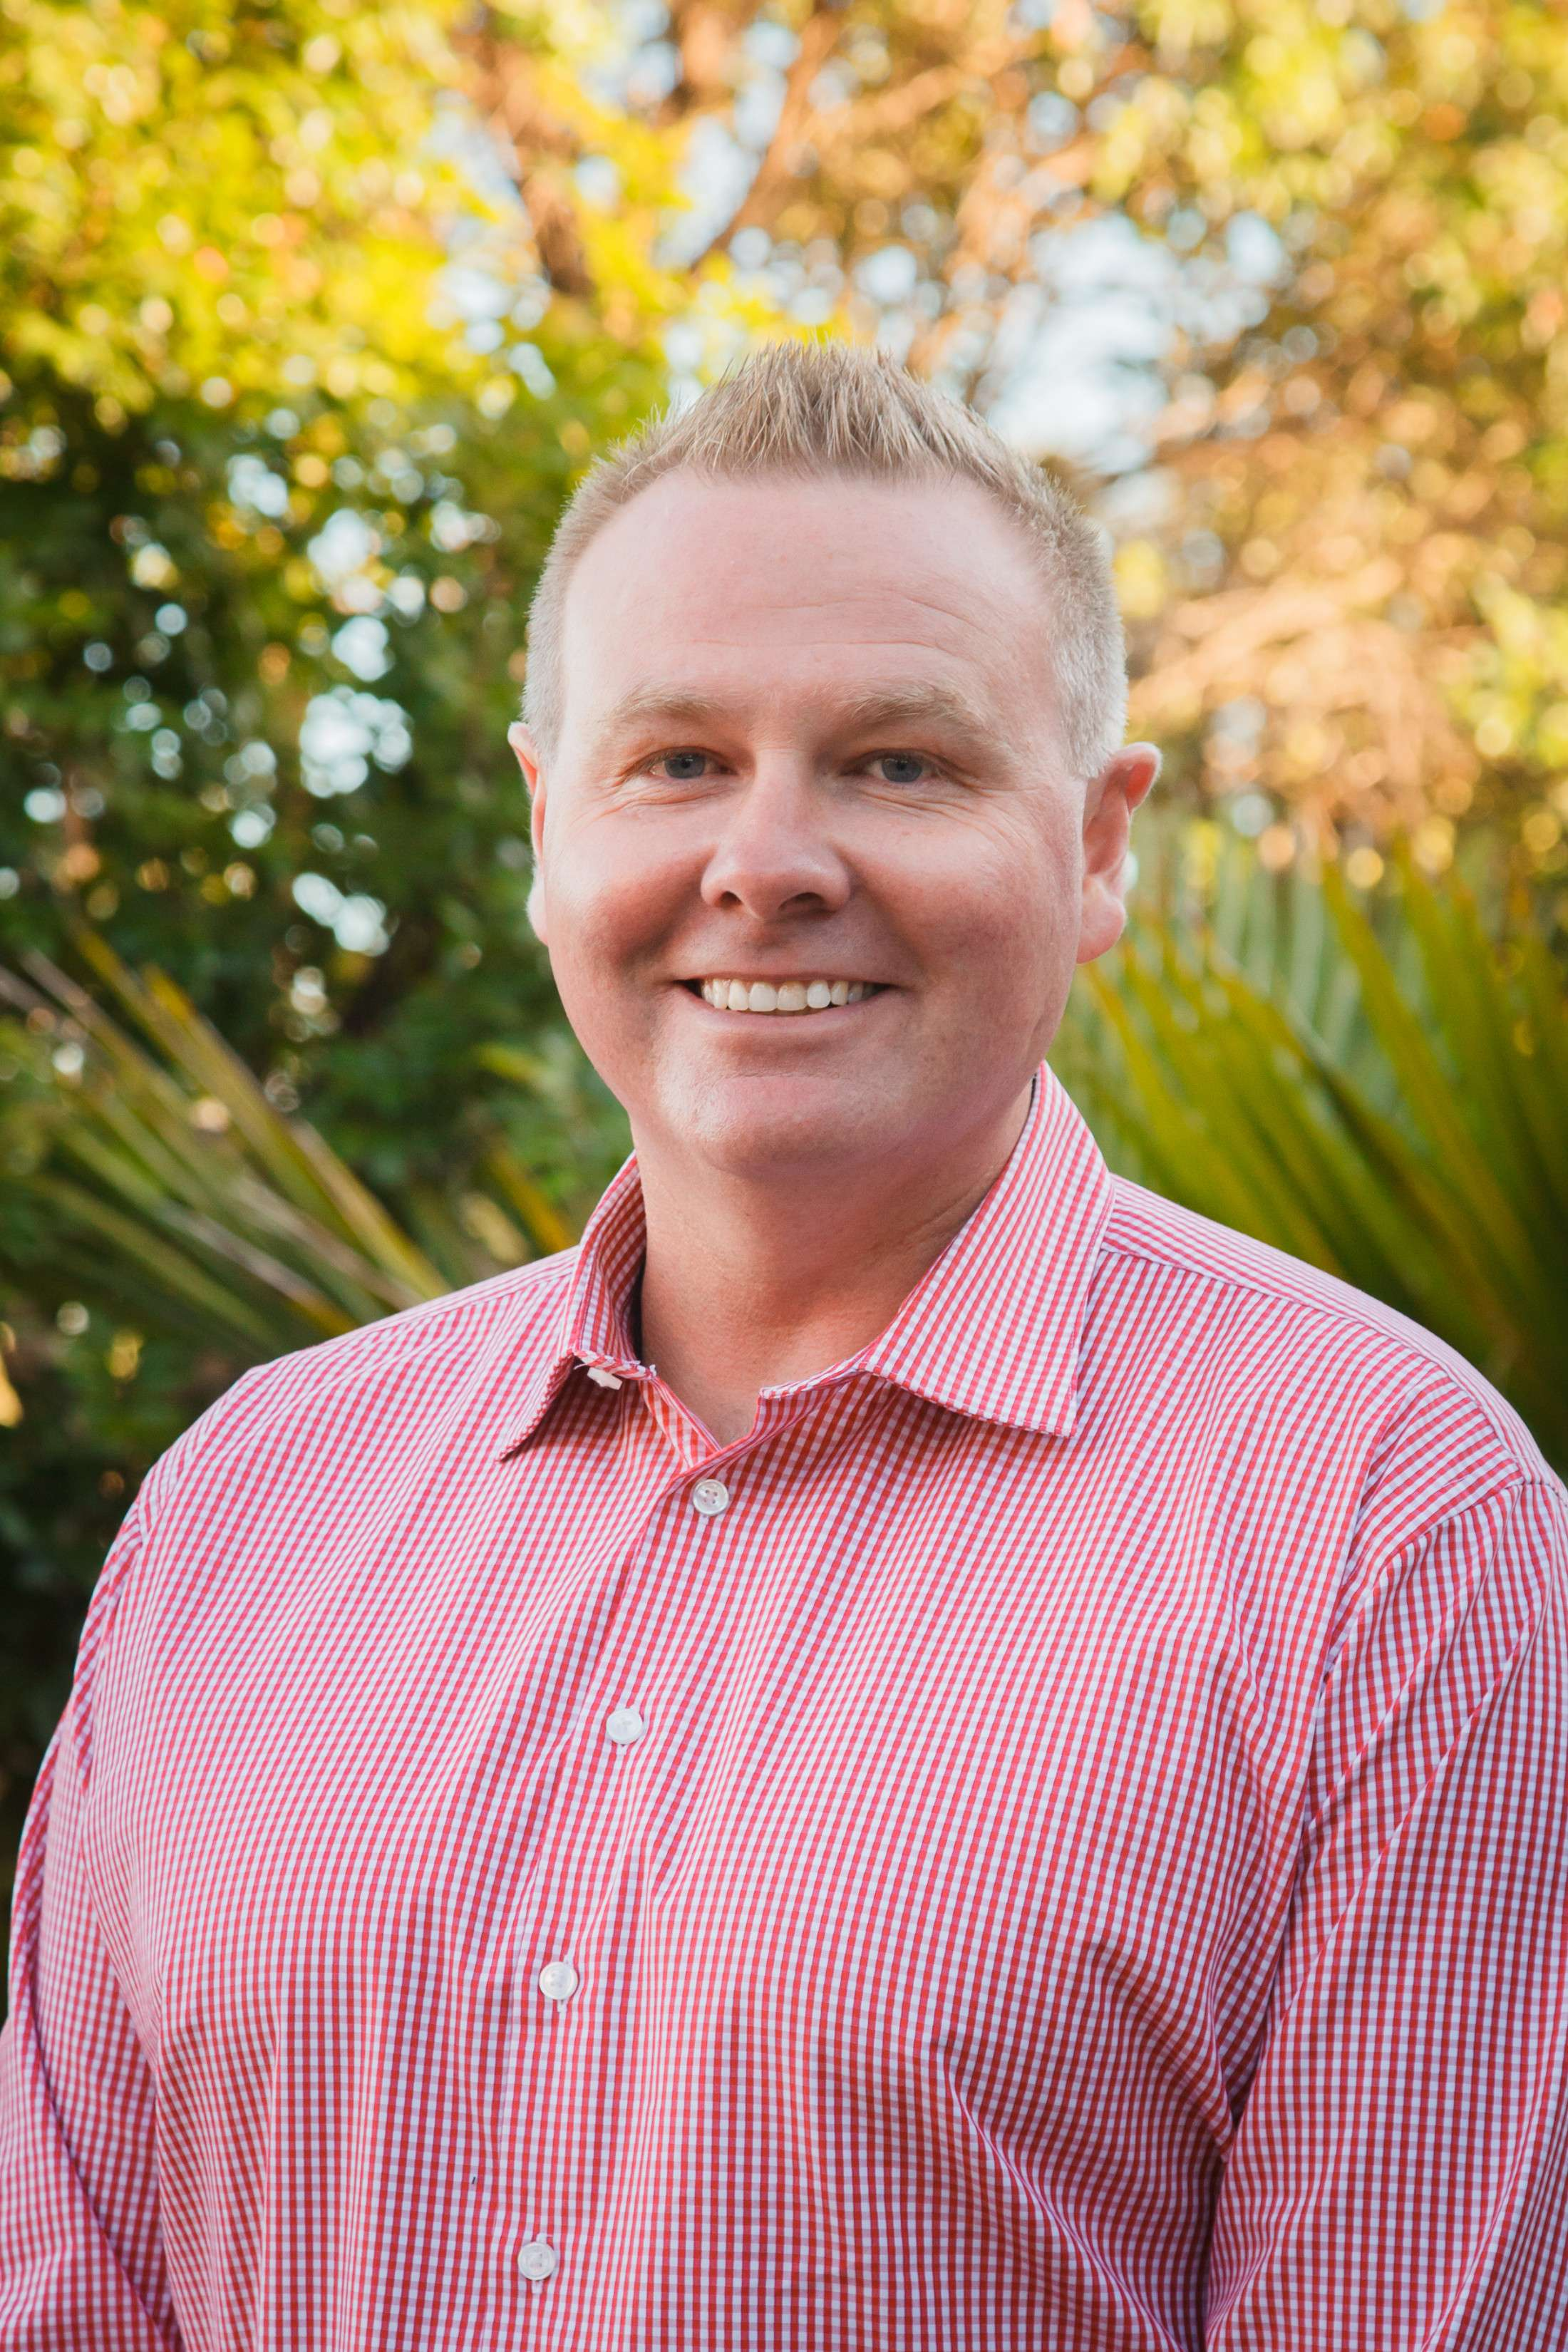 Darren Scot